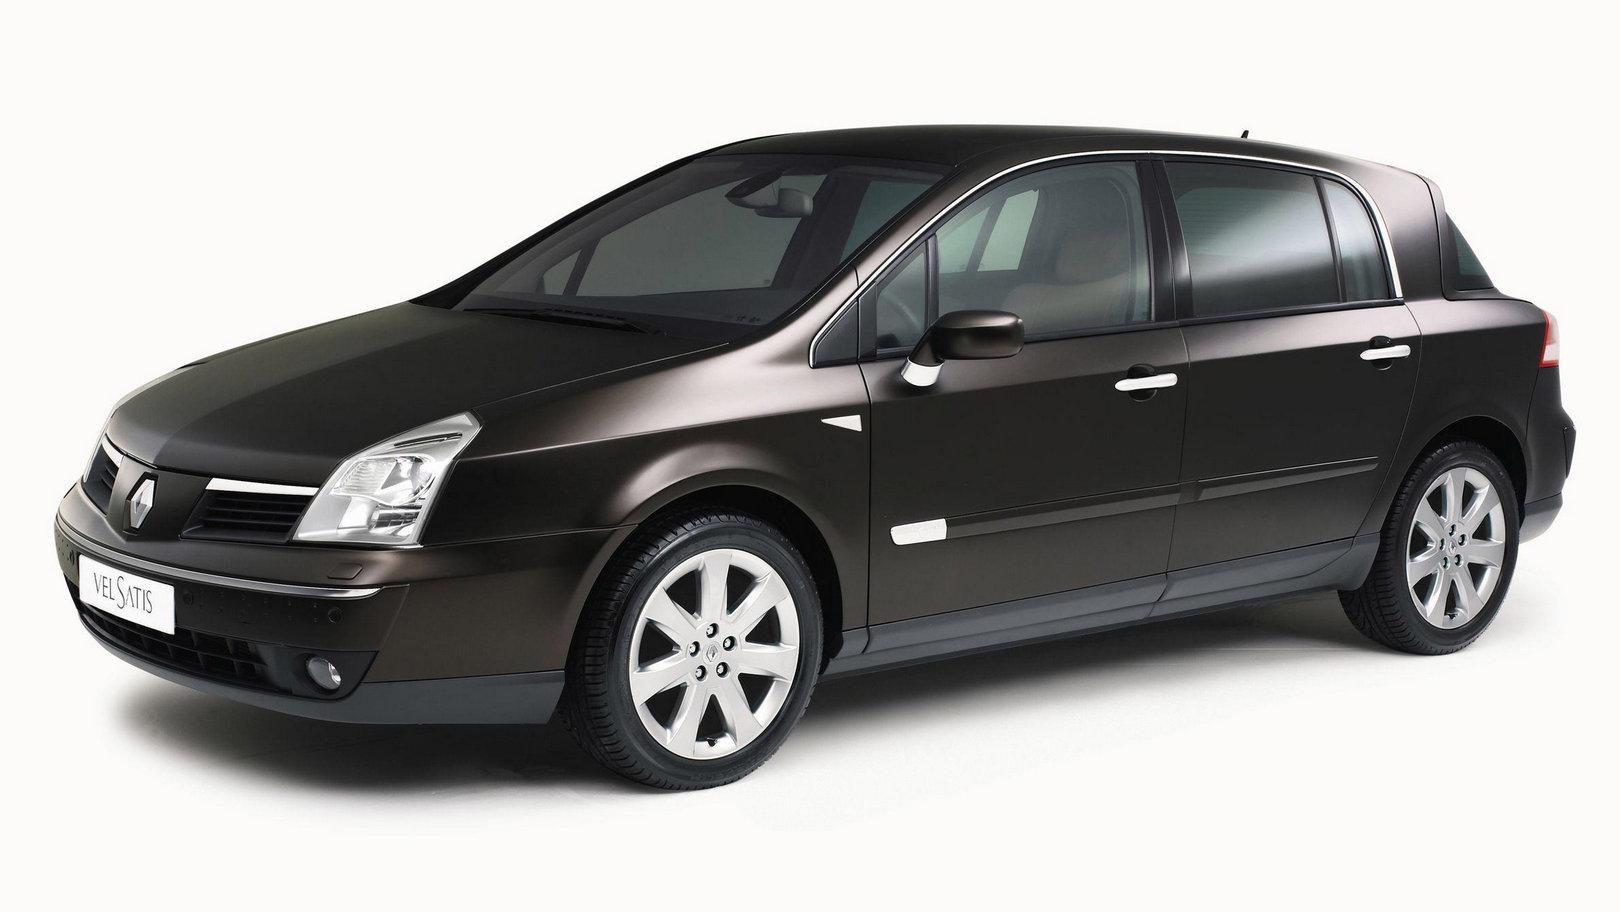 Renault Vel Satis 5